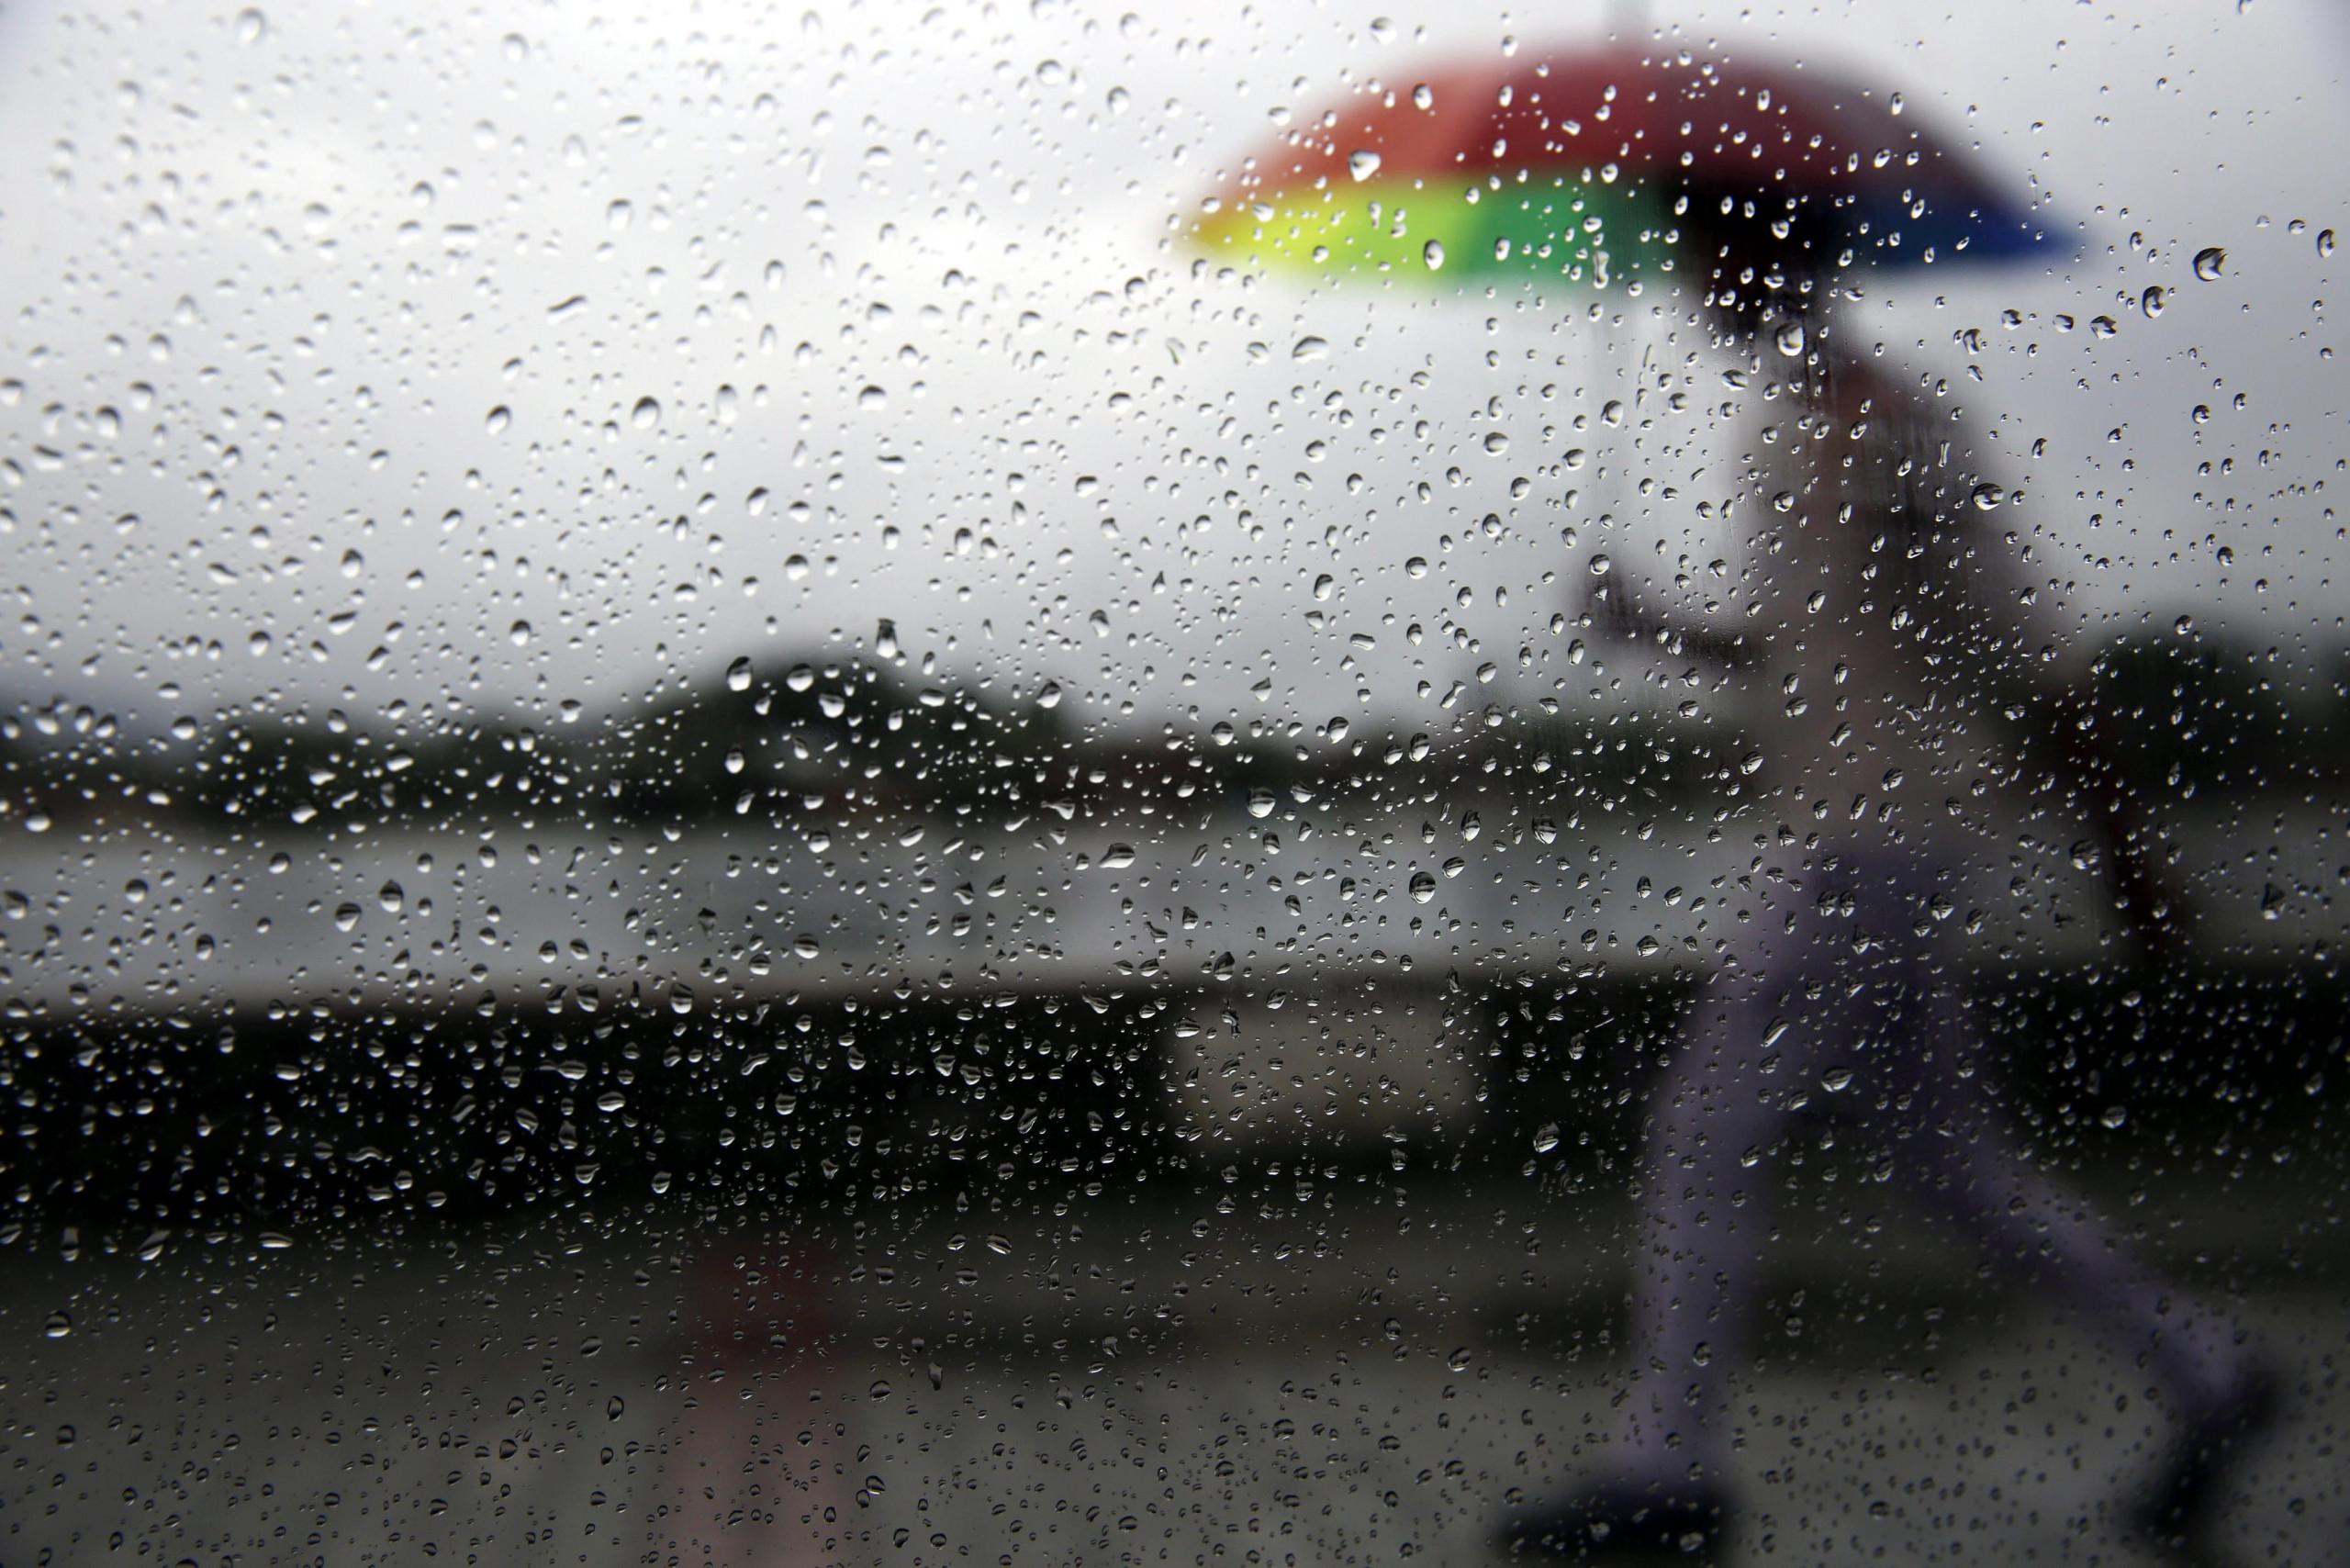 Furacão Leslie está a chegar ao arquipélago da Madeira com ventos fortes